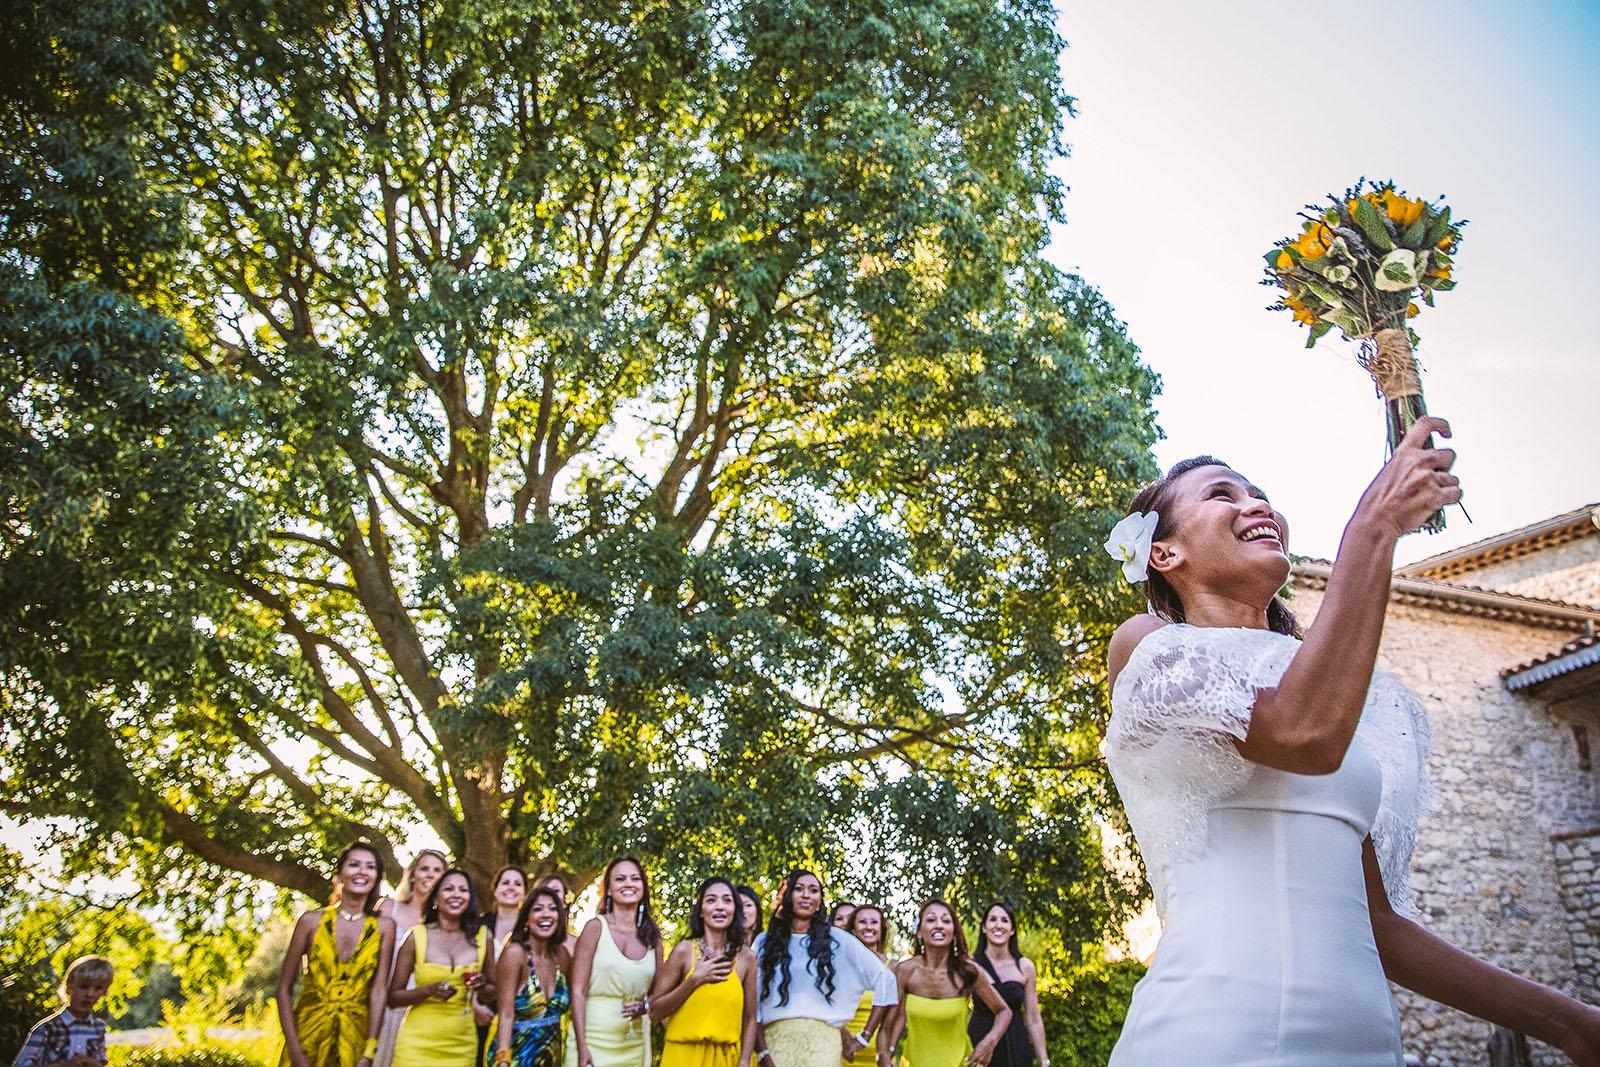 Mariage Mas de La Rouquette. David Pommier photographe de mariage. Le lancé du bouquet de la mariée